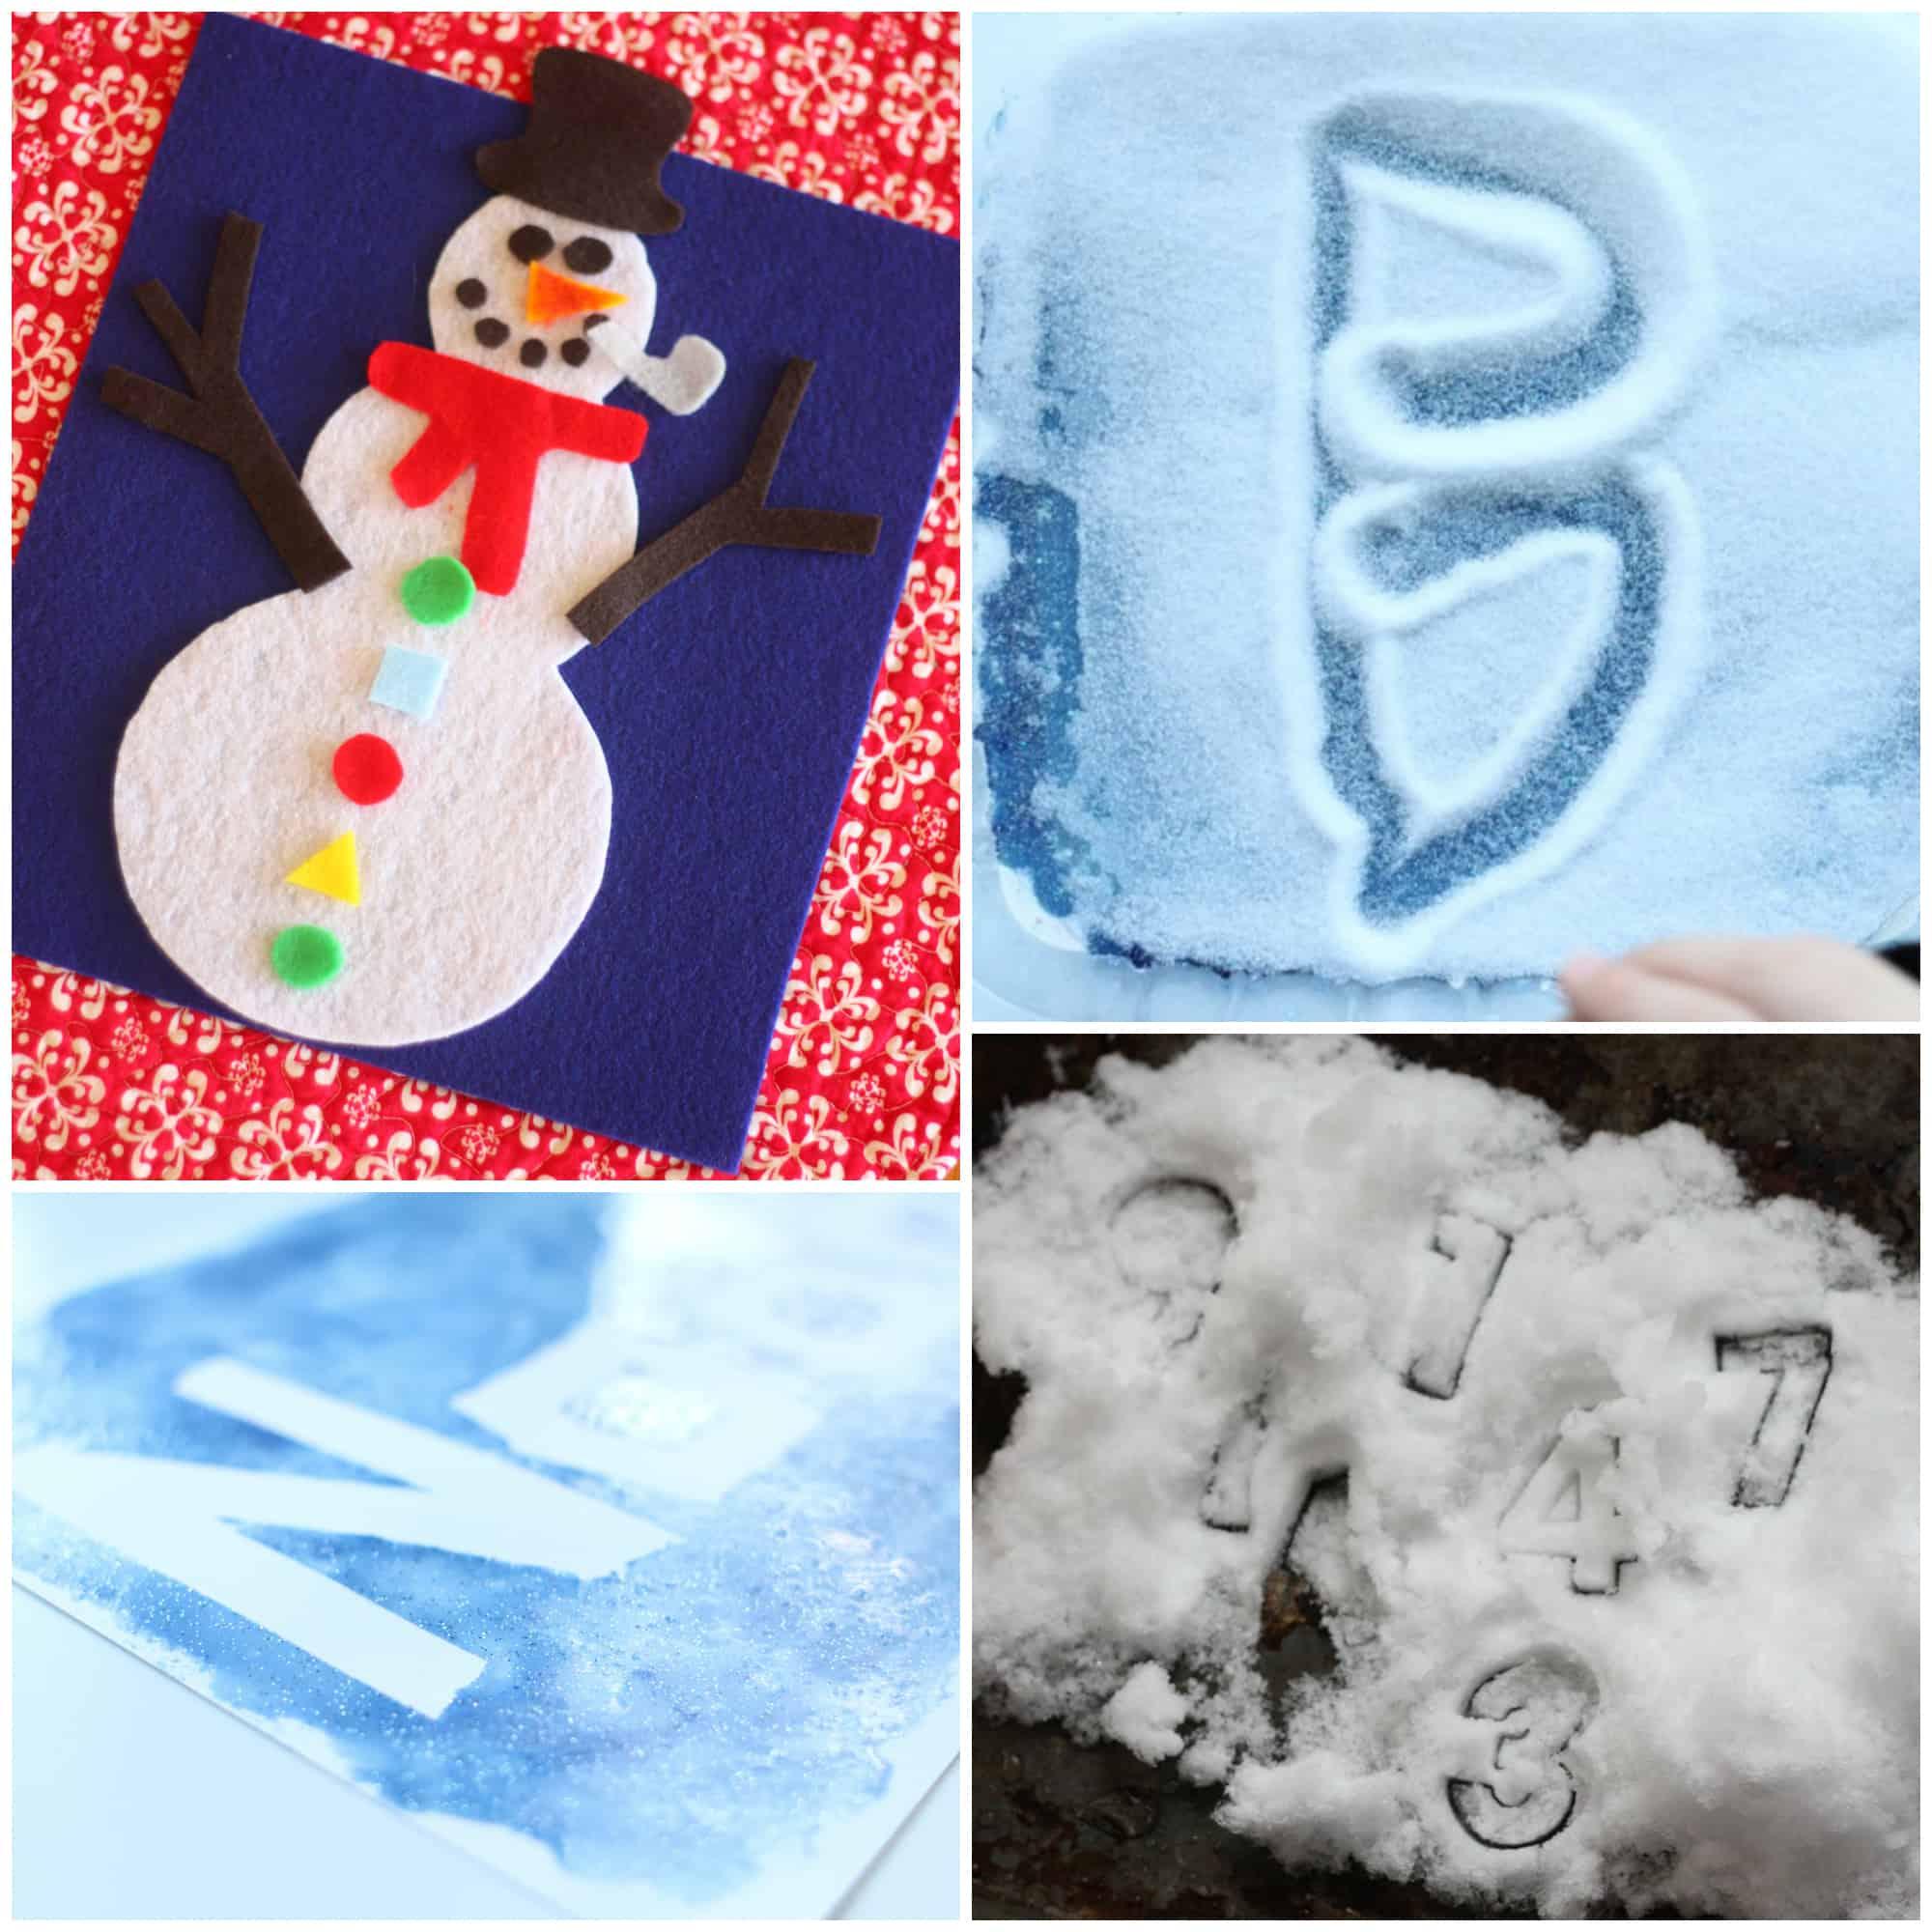 20 Fun Indoor Snow Day Activities